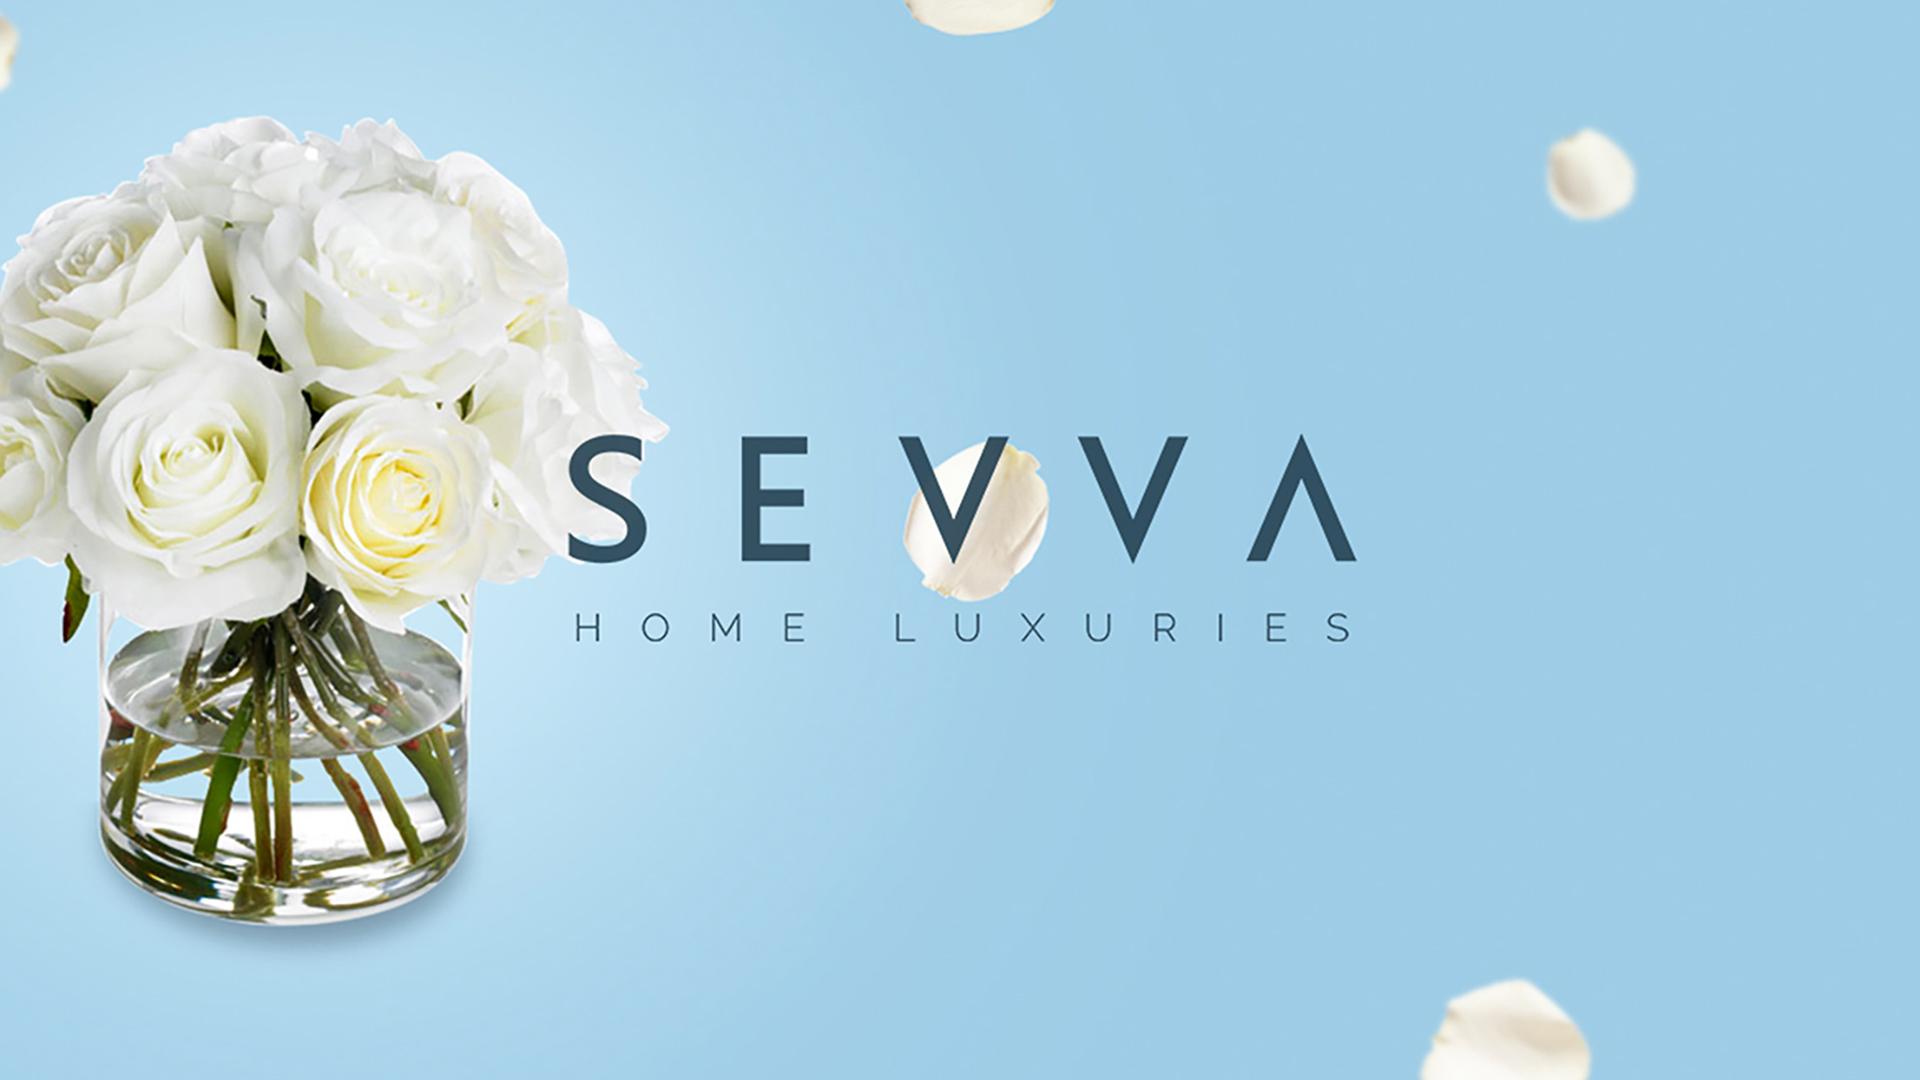 SEVVA Website Design Preview